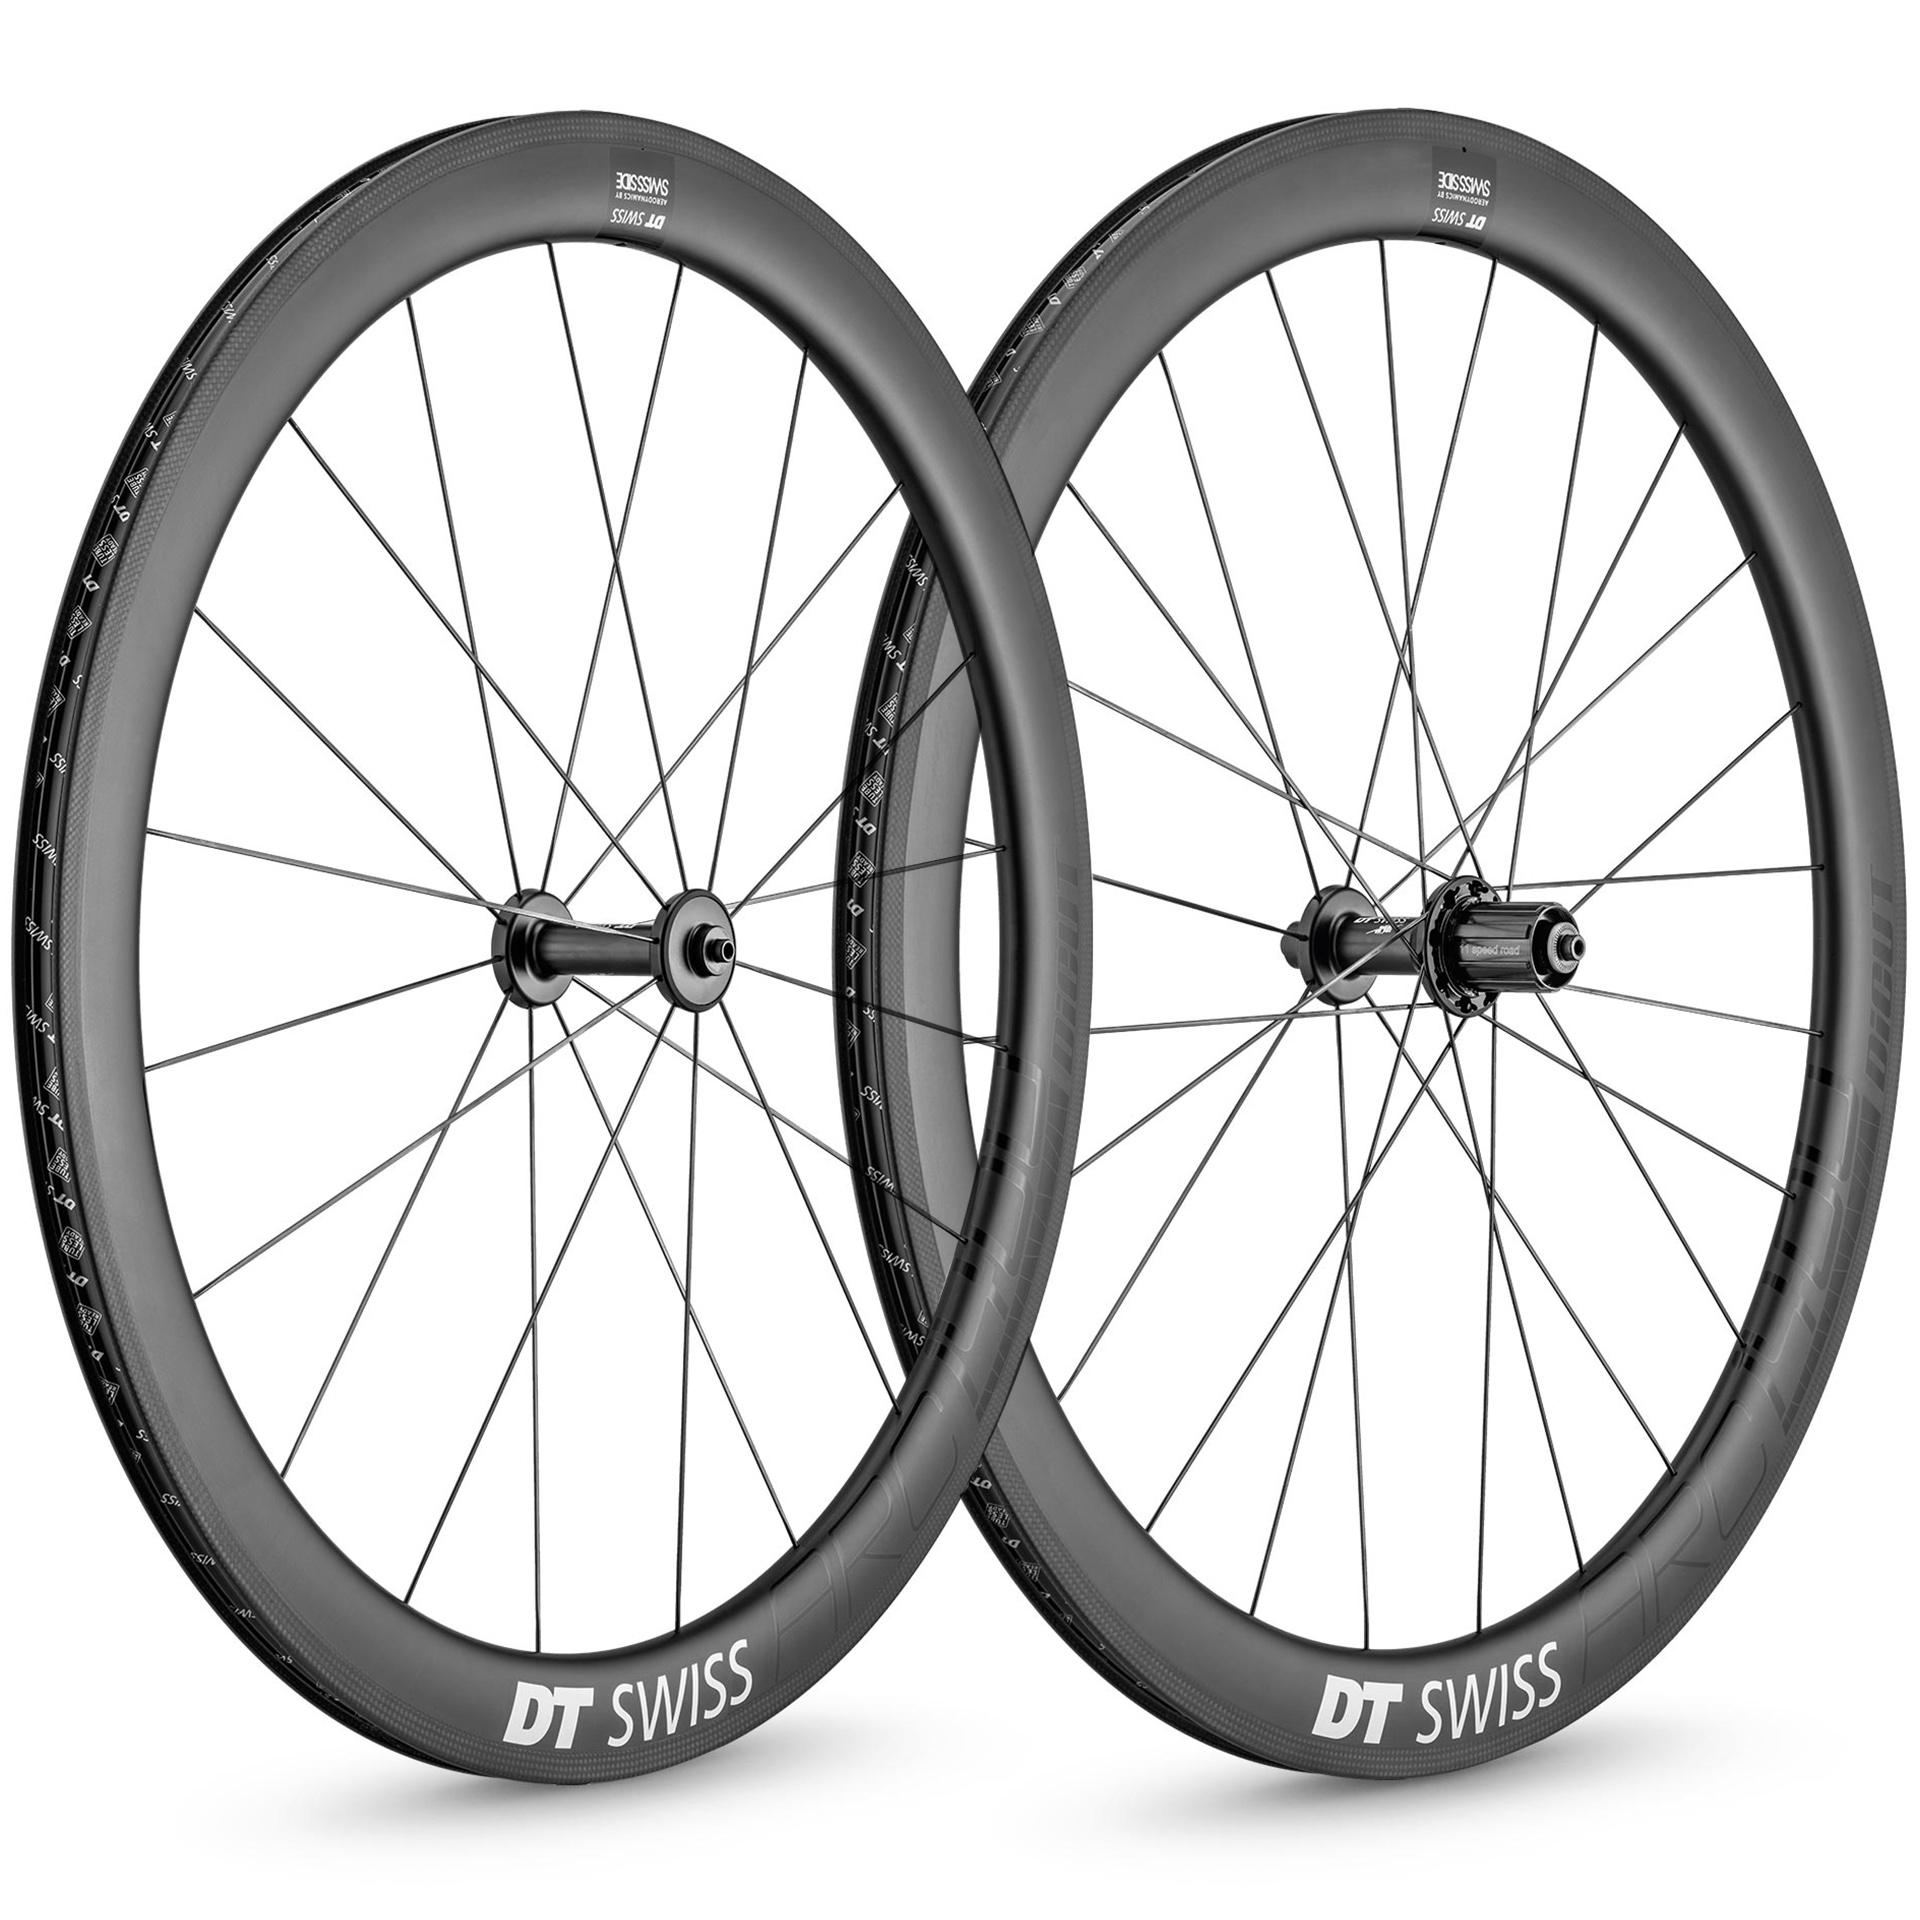 DT Swiss ARC 1400 Dicut 48 Road Wheelset - 700c